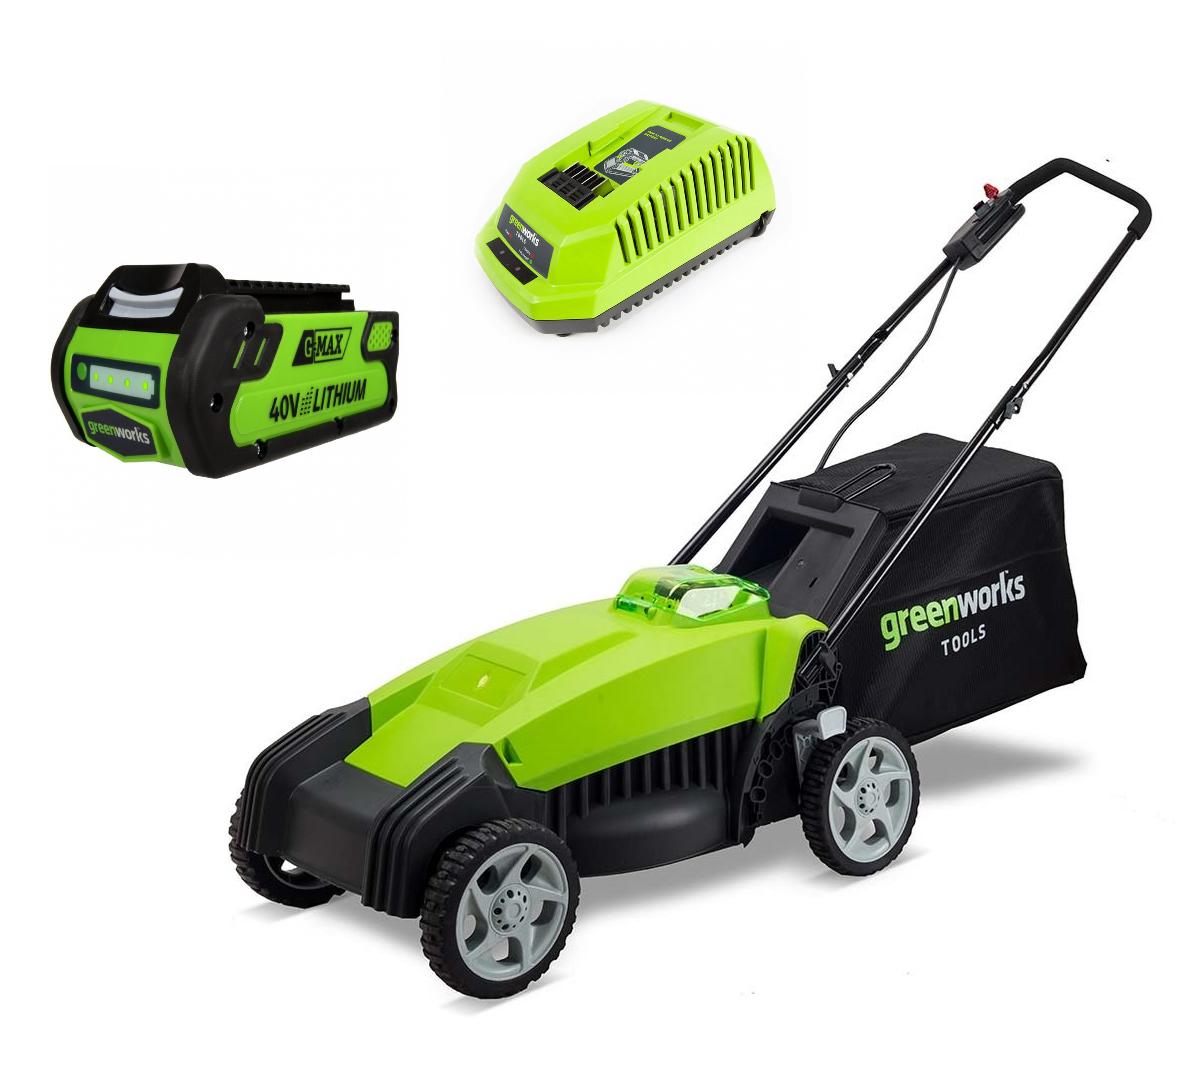 """Газонокосилка аккумуляторная Greenworks G-MAX G40LM35, 40 В, 35 см (комплект)2500067аГазонокосилка аккумуляторная Greenworks G-MAX G40LM35 - это полупрофессиональная модель для стрижки газонов в домашних хозяйствах. Газонокосилка оборудована системой защиты двигателя от механических повреждений камнями. Данная модель оснащена травосборником и обладает функцией мульчирования. Травосборник служит для сбора скошенной травы. Таким образом, предотвращается выгрузка на газон, который вы скашиваете. Мульчирующая заглушка, закрывающая заднее разгрузочное отверстие, позволяет ножу косилки измельчать срезанную траву. Удобный 5-ступенчатый рычаг обеспечивает регулировку высоты скашивания от 32 мм до 85 мм. Удобная рукоятка, 6"""" передние и 7"""" задние колеса позволят комфортно управлять газонокосилкой. Рама газонокосилки имеет складную конструкцию, для удобства транспортировки и хранения. Эта модель моментально готова к работе нажатием одной кнопки. Благодаря питанию от 40V аккумулятора газонокосилка обеспечивает долгую автономную работу. Данный аккумулятор совместим с другими устройствами из линейки G-MAX 40V. Для безопасной работы газонокосилка оснащена ключом безопасности. Преимущества: - Работа от 40V аккумулятора совместимого с другими устройствами из линейки 40V. - Мульчирование, выгрузка в травосборник. - 5-ступенчатый рычаг регулировки высоты скашивания. - 6"""" передние и 7"""" задние колеса. - Система защиты двигателя от механических повреждений. - Прорезиненная передняя рукоятка. - Складная конструкция рамы. - Не требует времени для подготовки к работе. - Время автономной работы - 60 минут. Технические характеристики: - Двигатель: щеточный. - Номинальное напряжение: 40 В. - Ширина скашивания: 35 см. - Объем травосборника: 40 л. - Высота скашивания: 32-85 мм. - Скорость вращения вала: 3600 об/мин. - Вес: 14,5 кг. В комплект входит G-MAX 40V аккумулятор 2 А.ч (арт. 29717) и G-MAX 40V зарядное устройство (арт. 2904607)."""